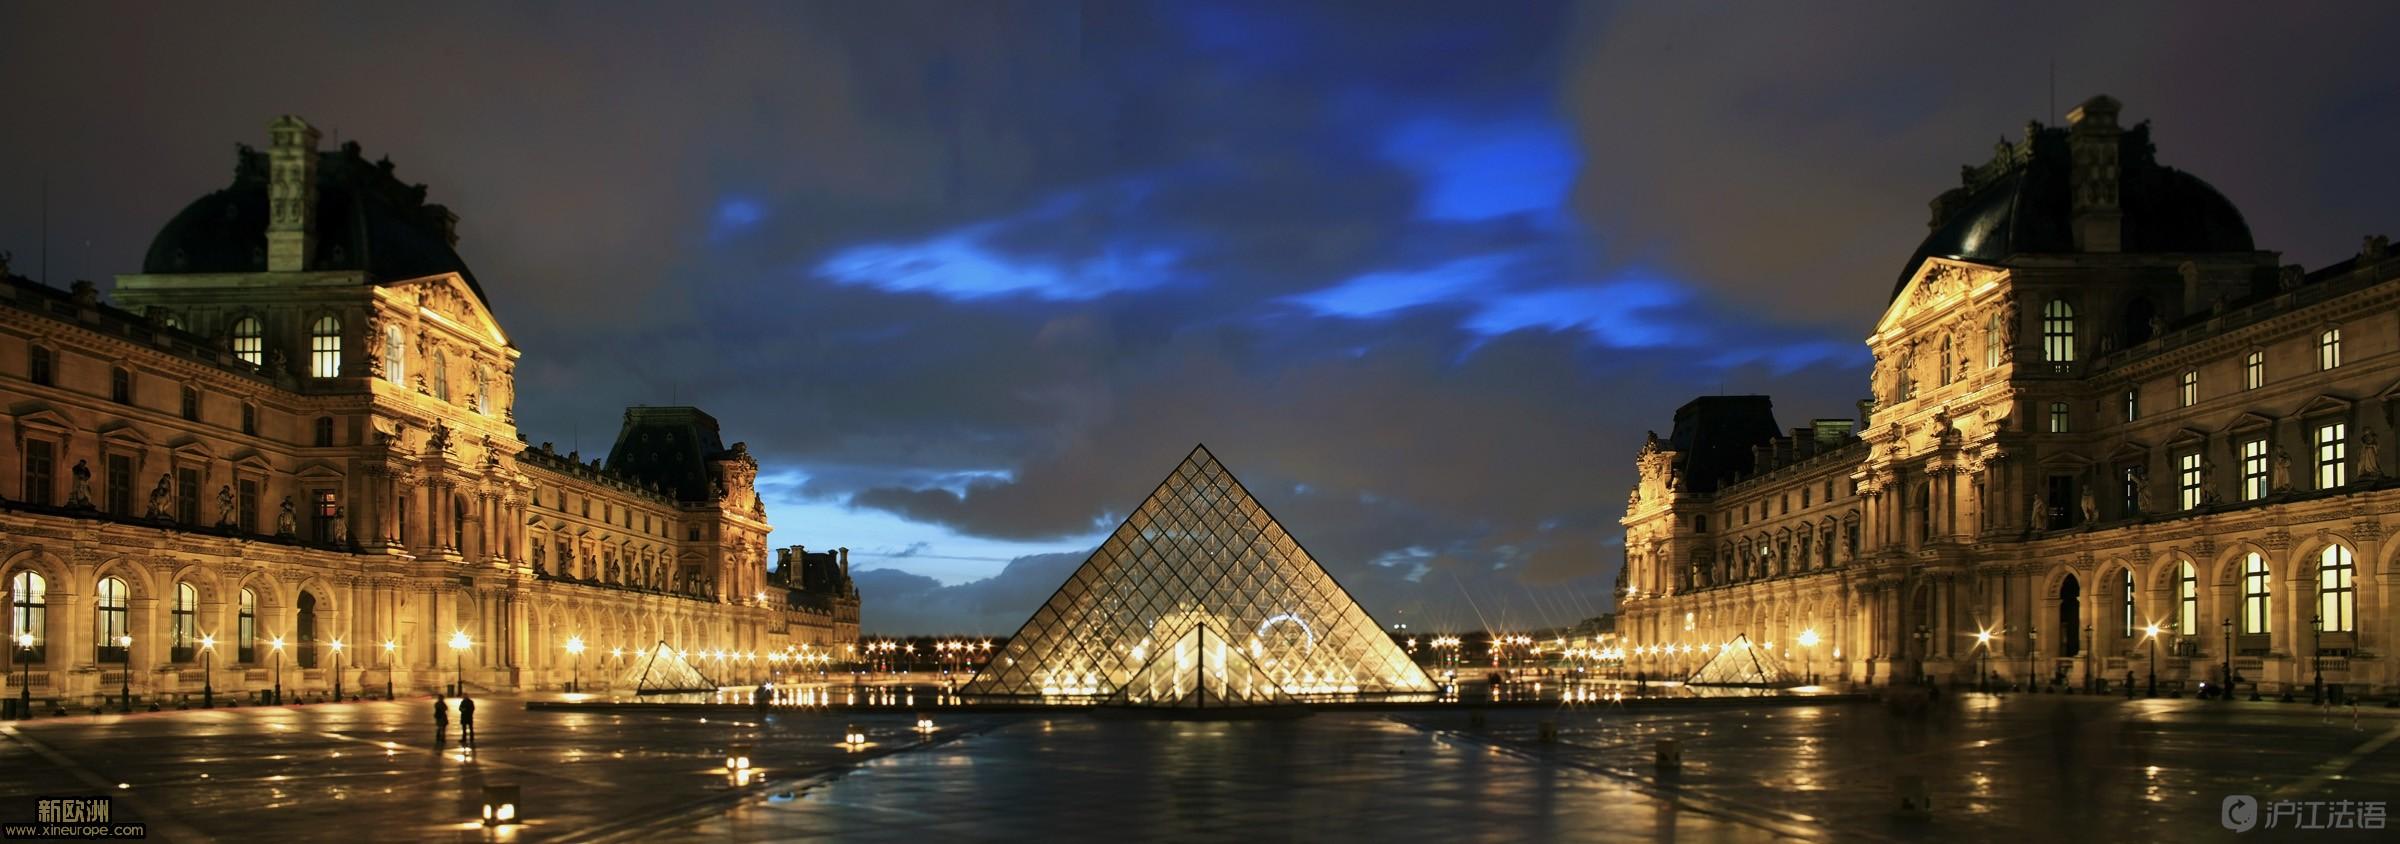 法语入门 法语词组:世界各地著名建筑法语叫什么? 沪江